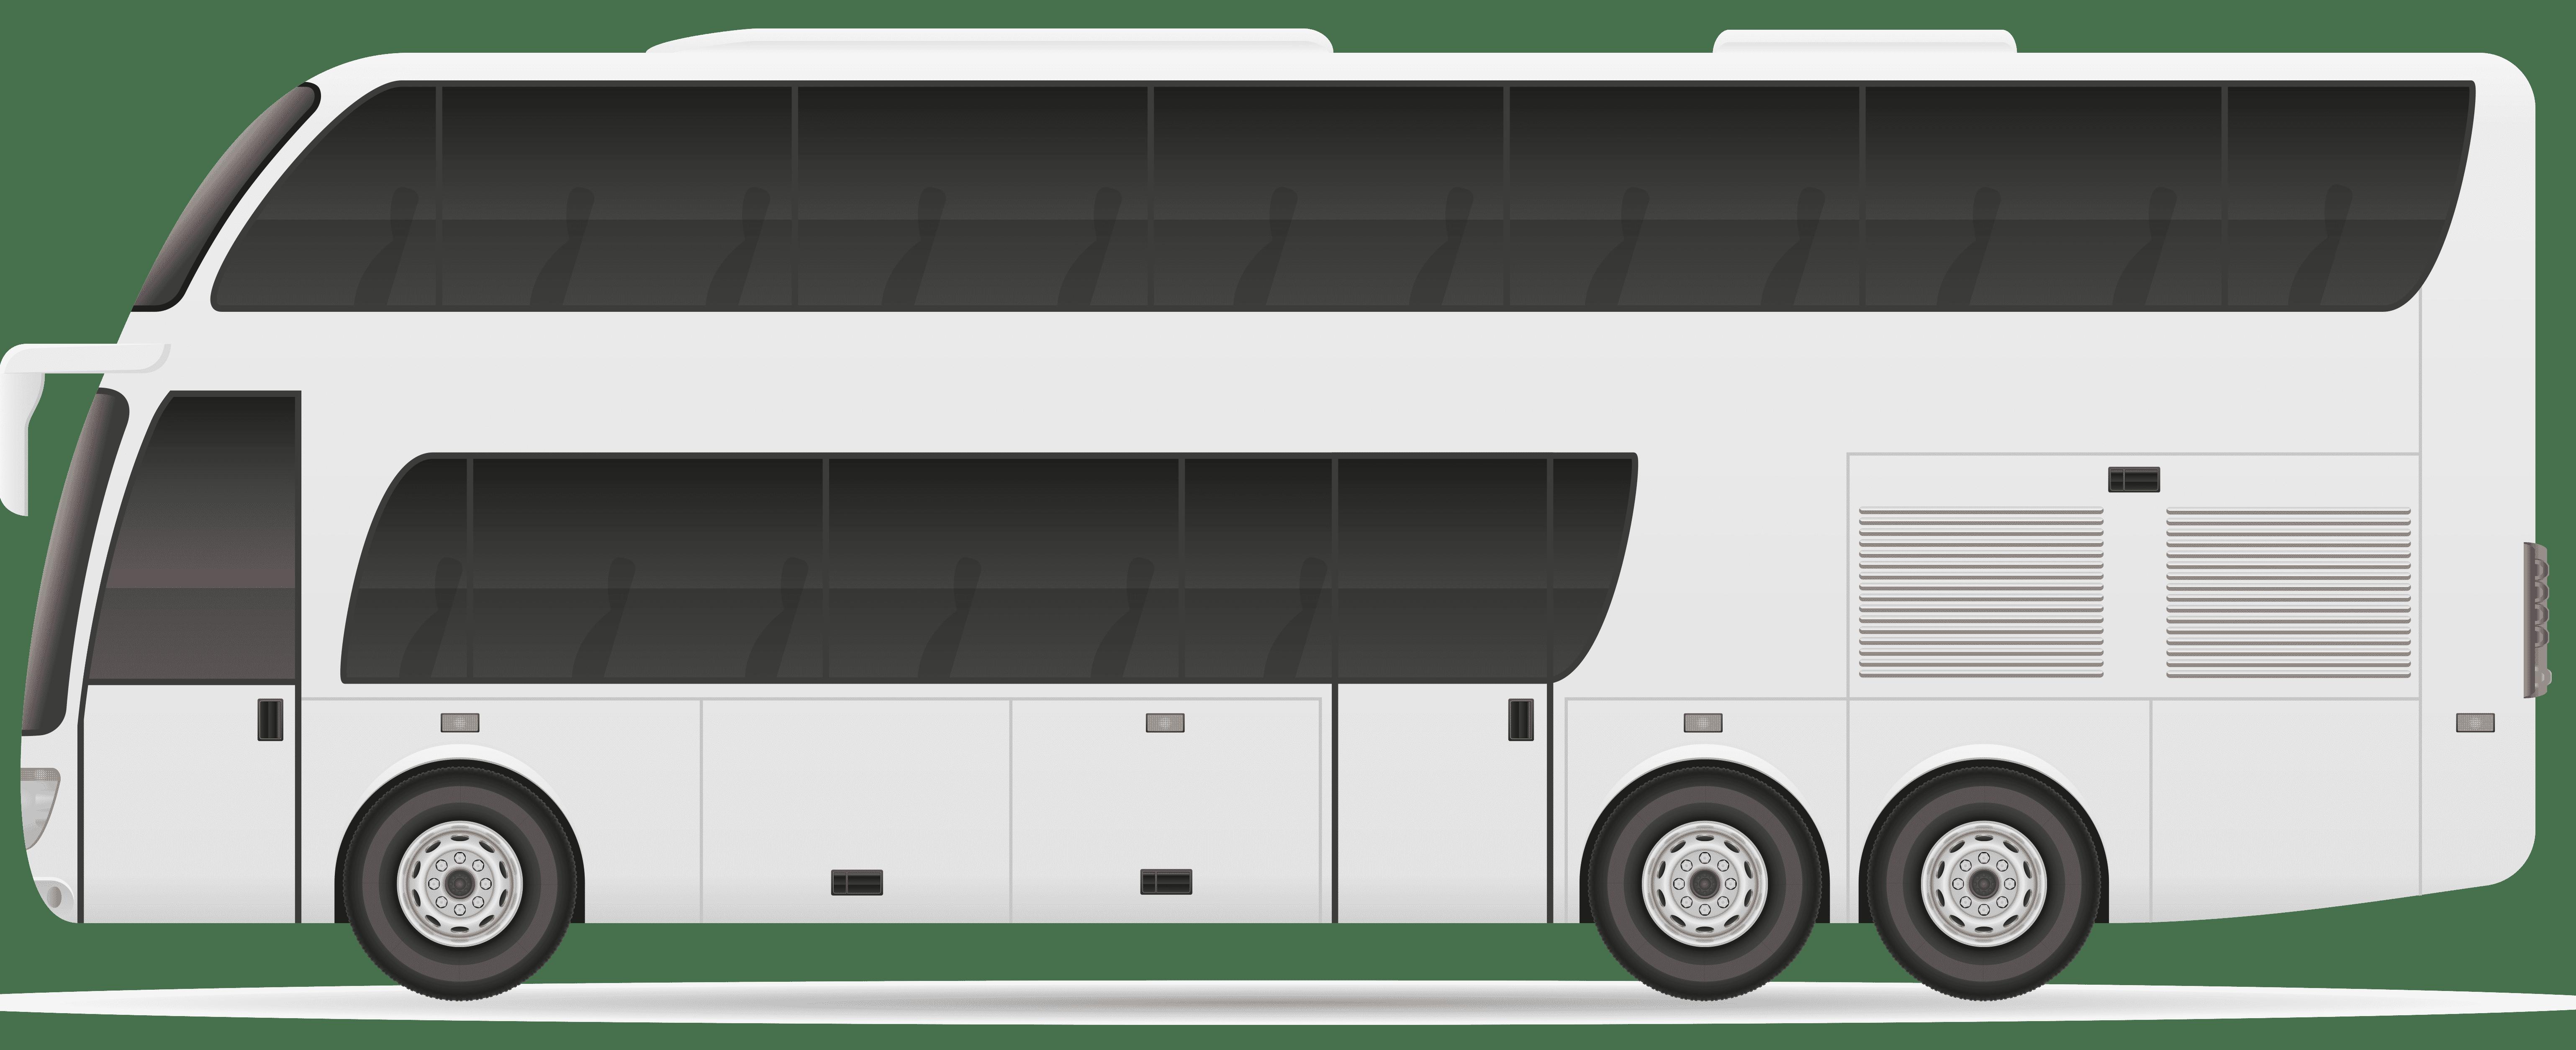 Dubbeldekker bus huren Ede - ikwileengoedkopebushuren.nl